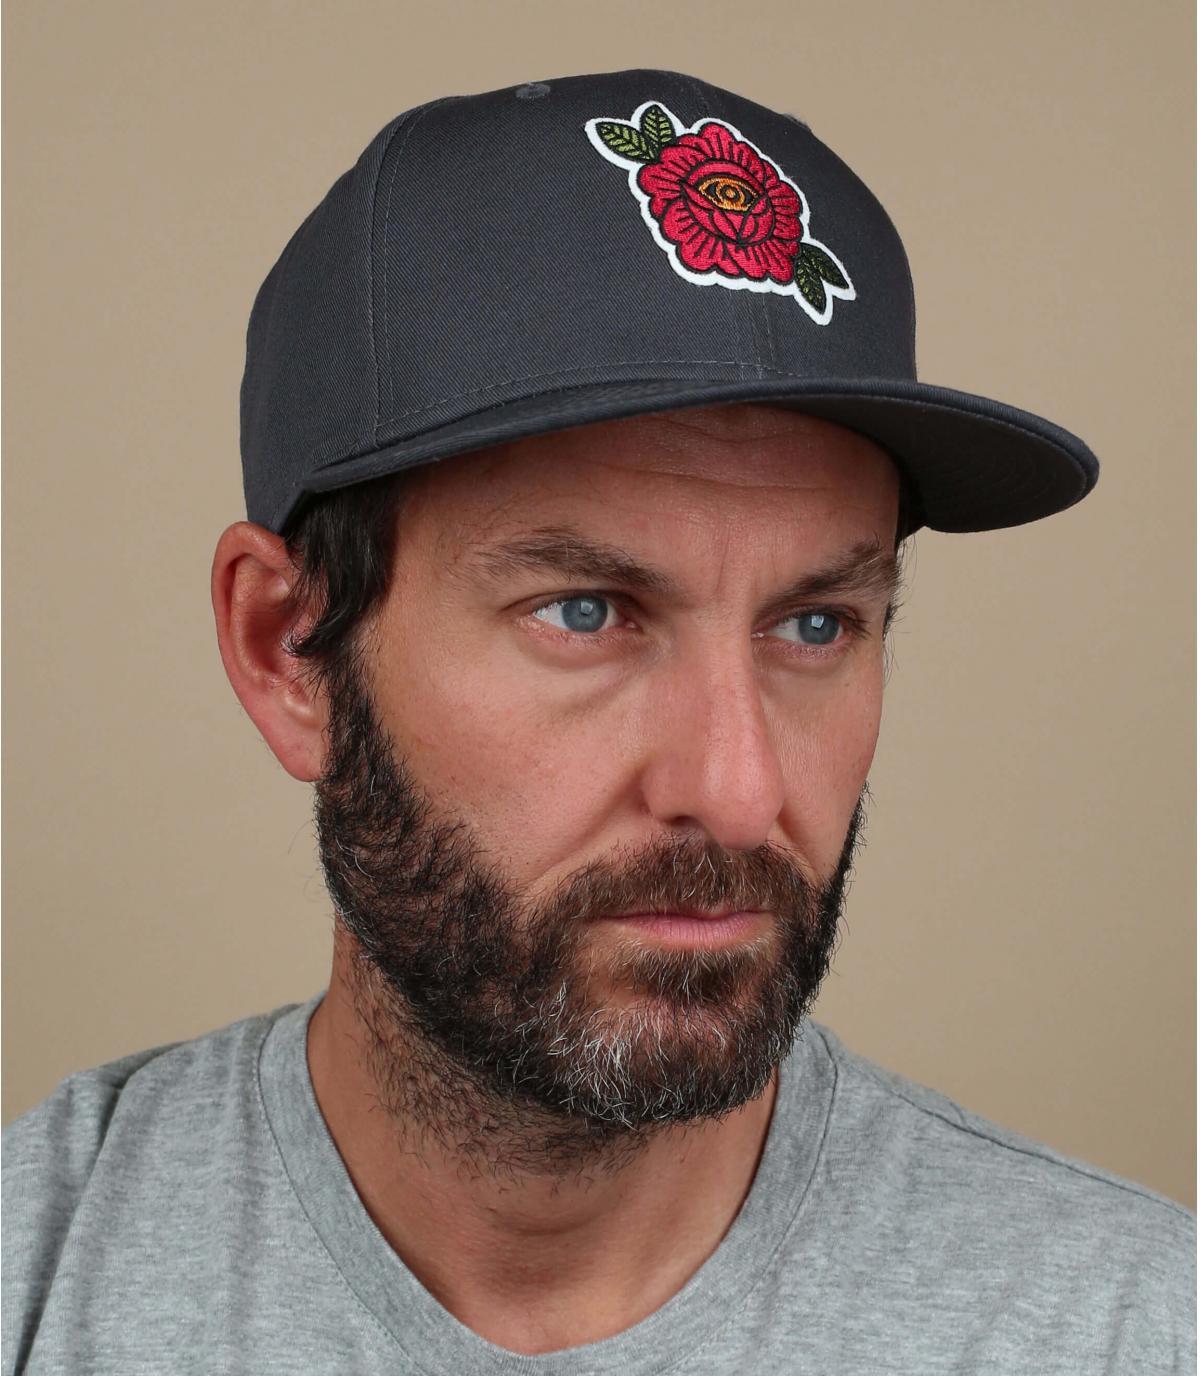 Schwarze Cap gestickte Rose